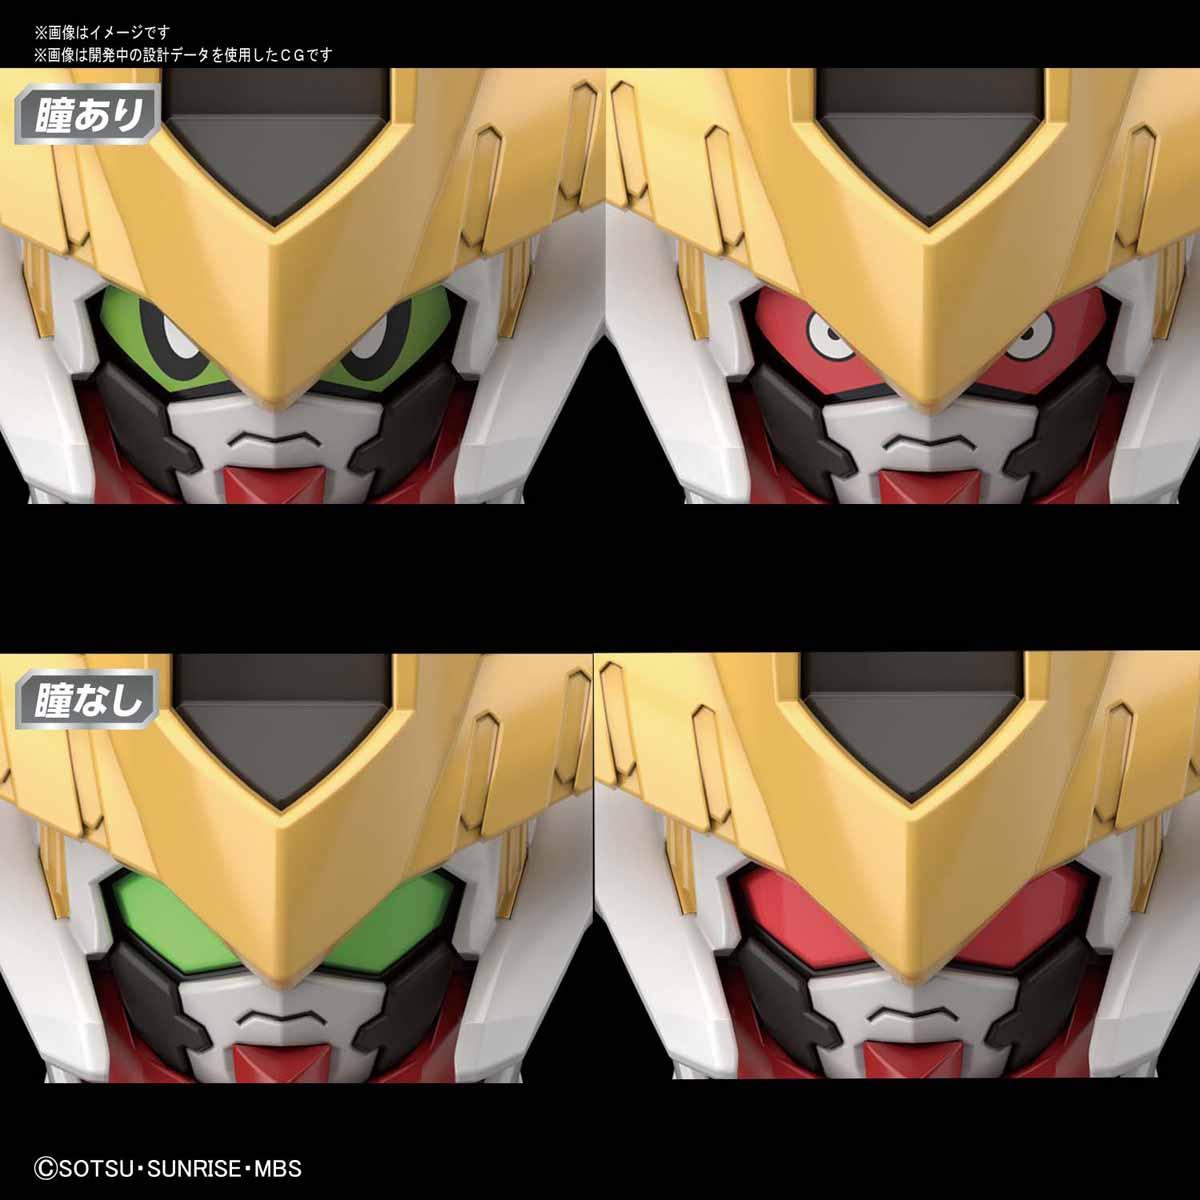 SDガンダム クロスシルエット『ガンダムバルバトスルプスレクス』鉄血のオルフェンズ プラモデル-006